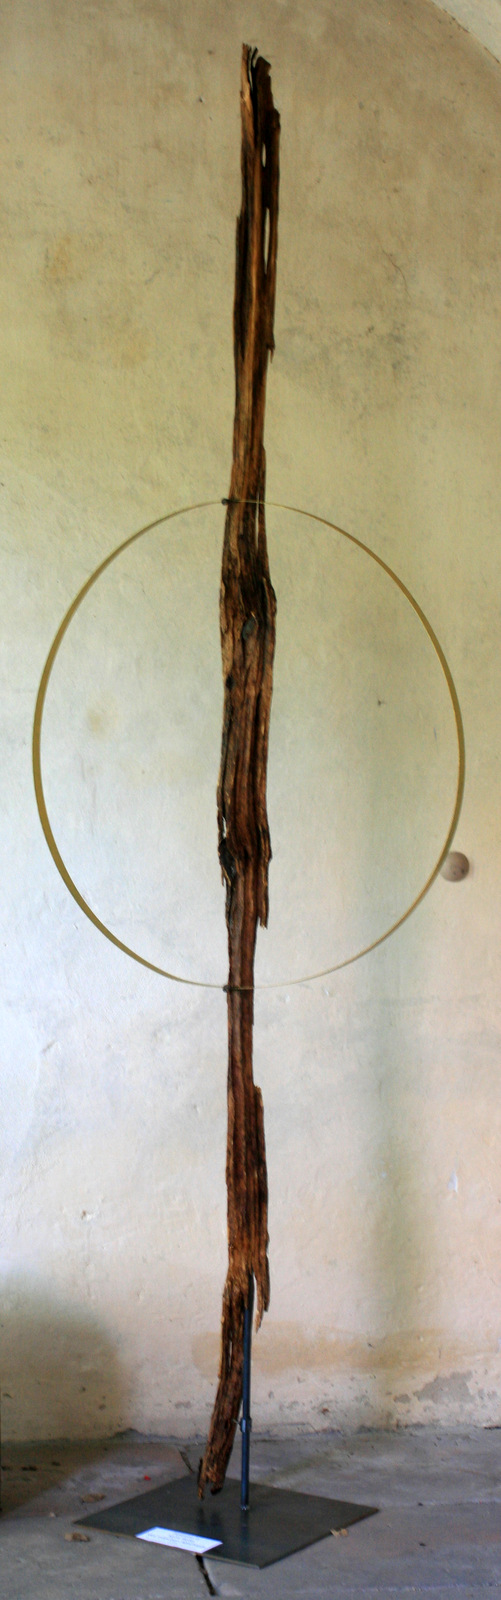 Atelier hestia im Kloster Malgarten: Holzsymposium Stele altes Fachwerk_Maria Breer-Dühnen